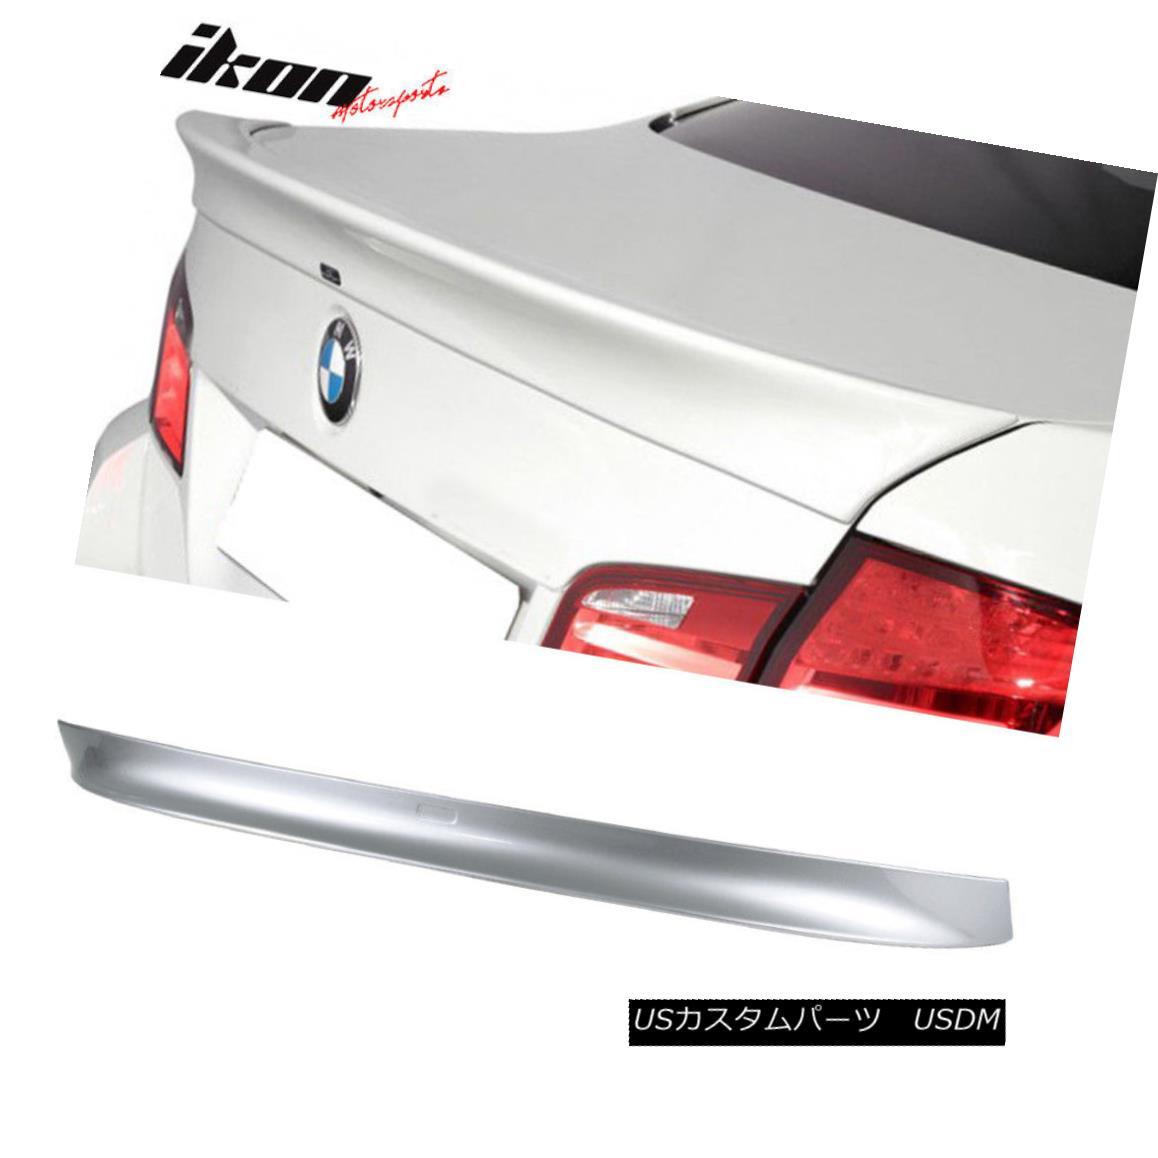 エアロパーツ 11-16 BMW F10 4Dr Sedan AC Painted Trunk Spoiler #A83 Glacier Silver Metallic 11-16 BMW F10 4DrセダンAC塗装トランク・スポイラー#A83氷河シルバー・メタリック